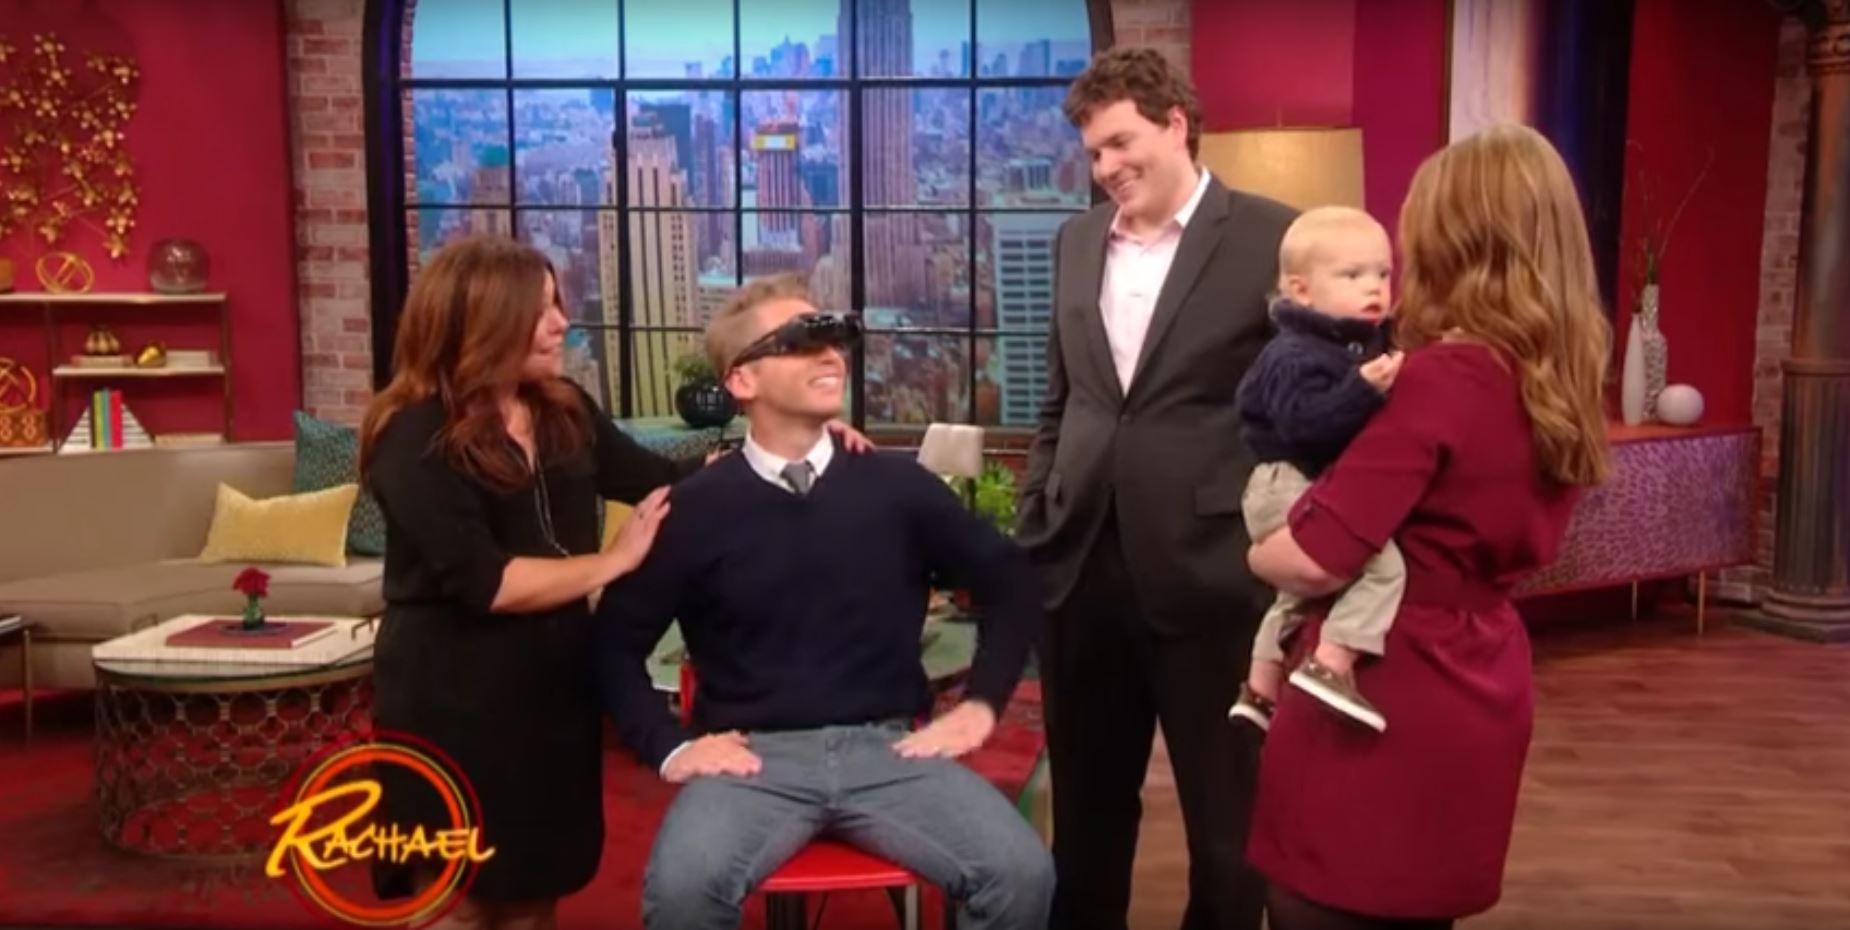 Diese Erfindung lässt ihn seine Frau und sein Baby zum ersten Mal sehen